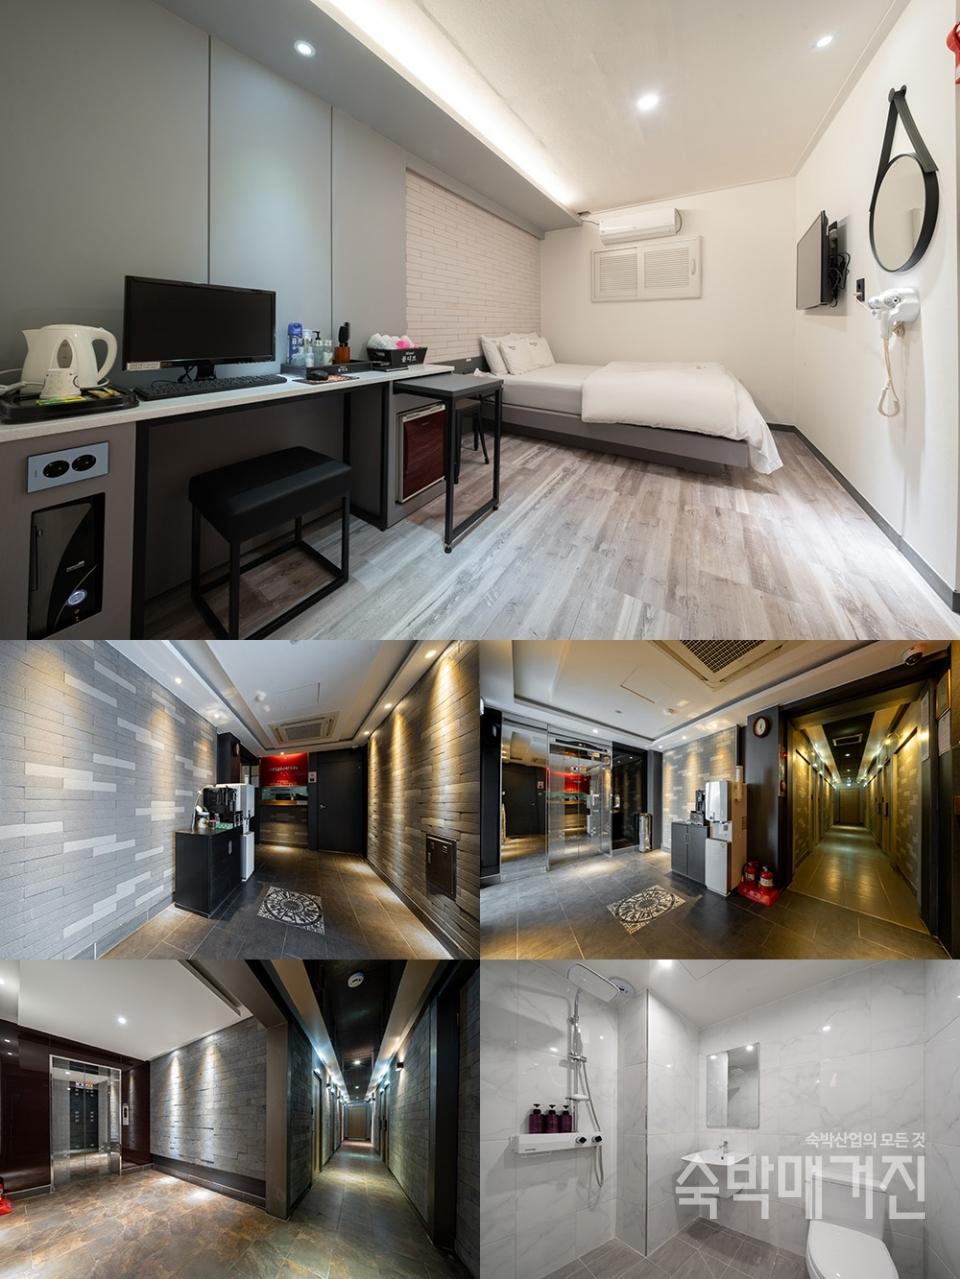 ▲ 시원한 콘셉트가 인상적인 객실과 세련되고 깔끔하게 마무리된 로비